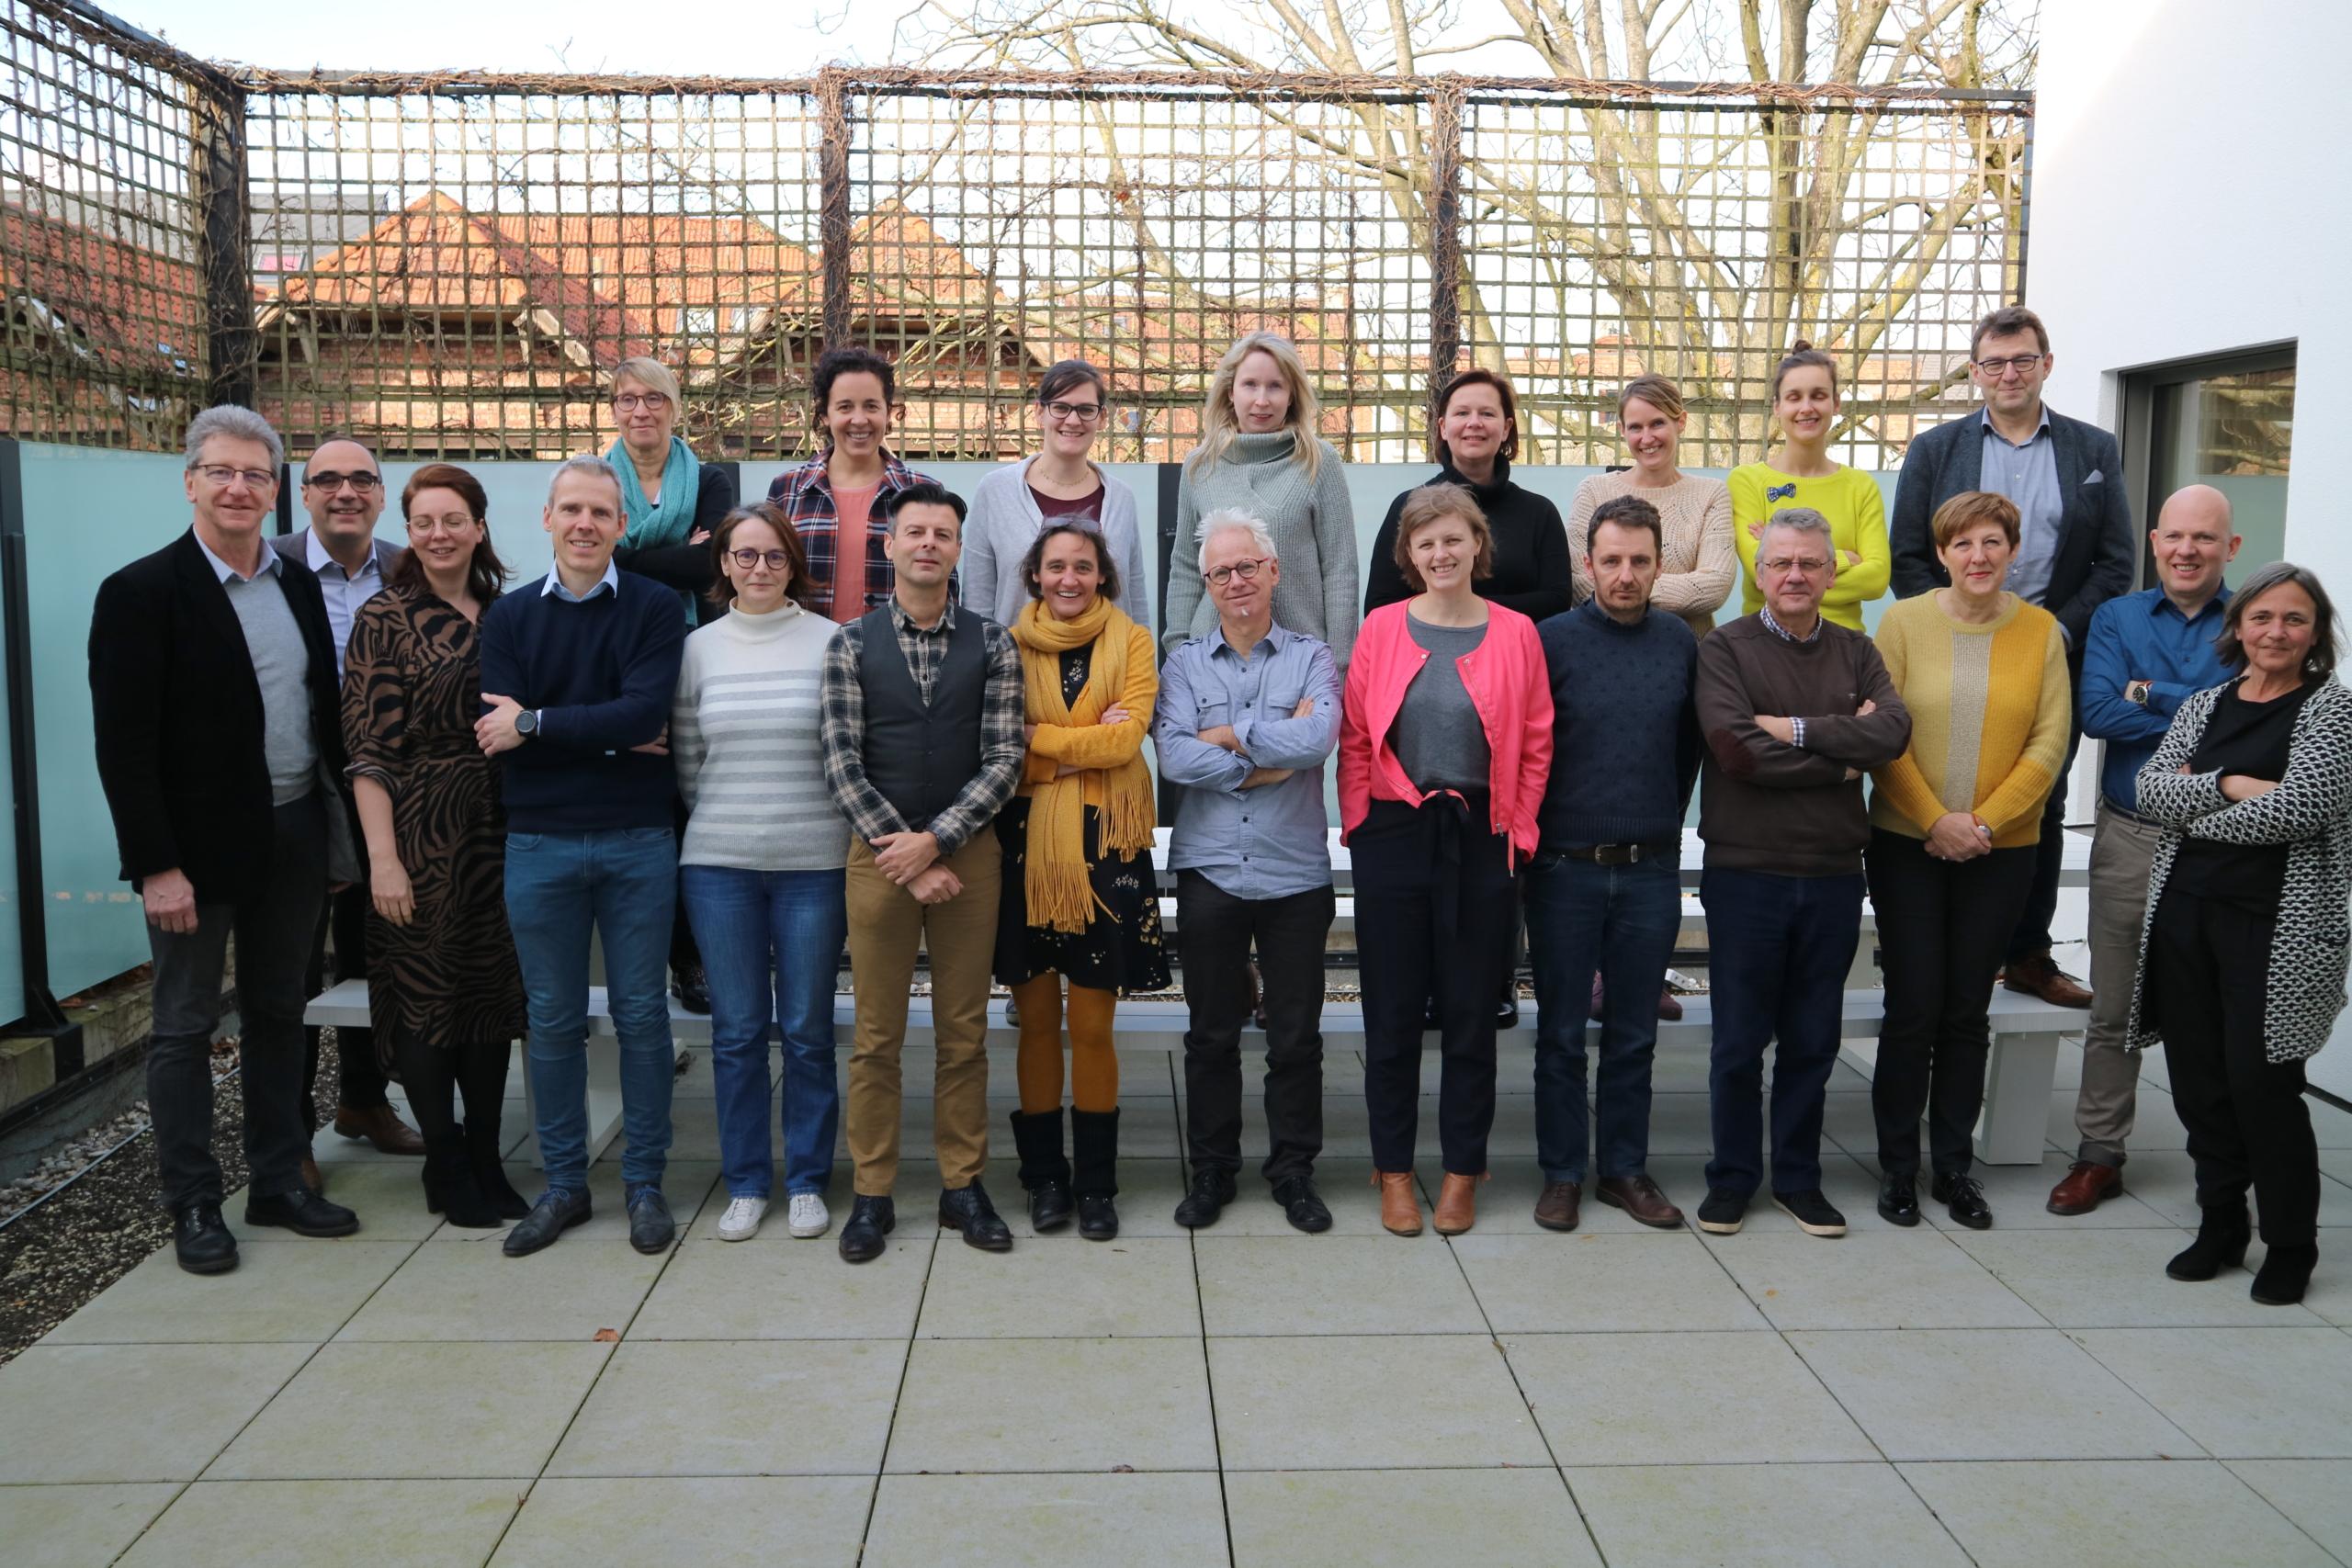 Beleidsgroep welzijnskoepel regio Rivierenland